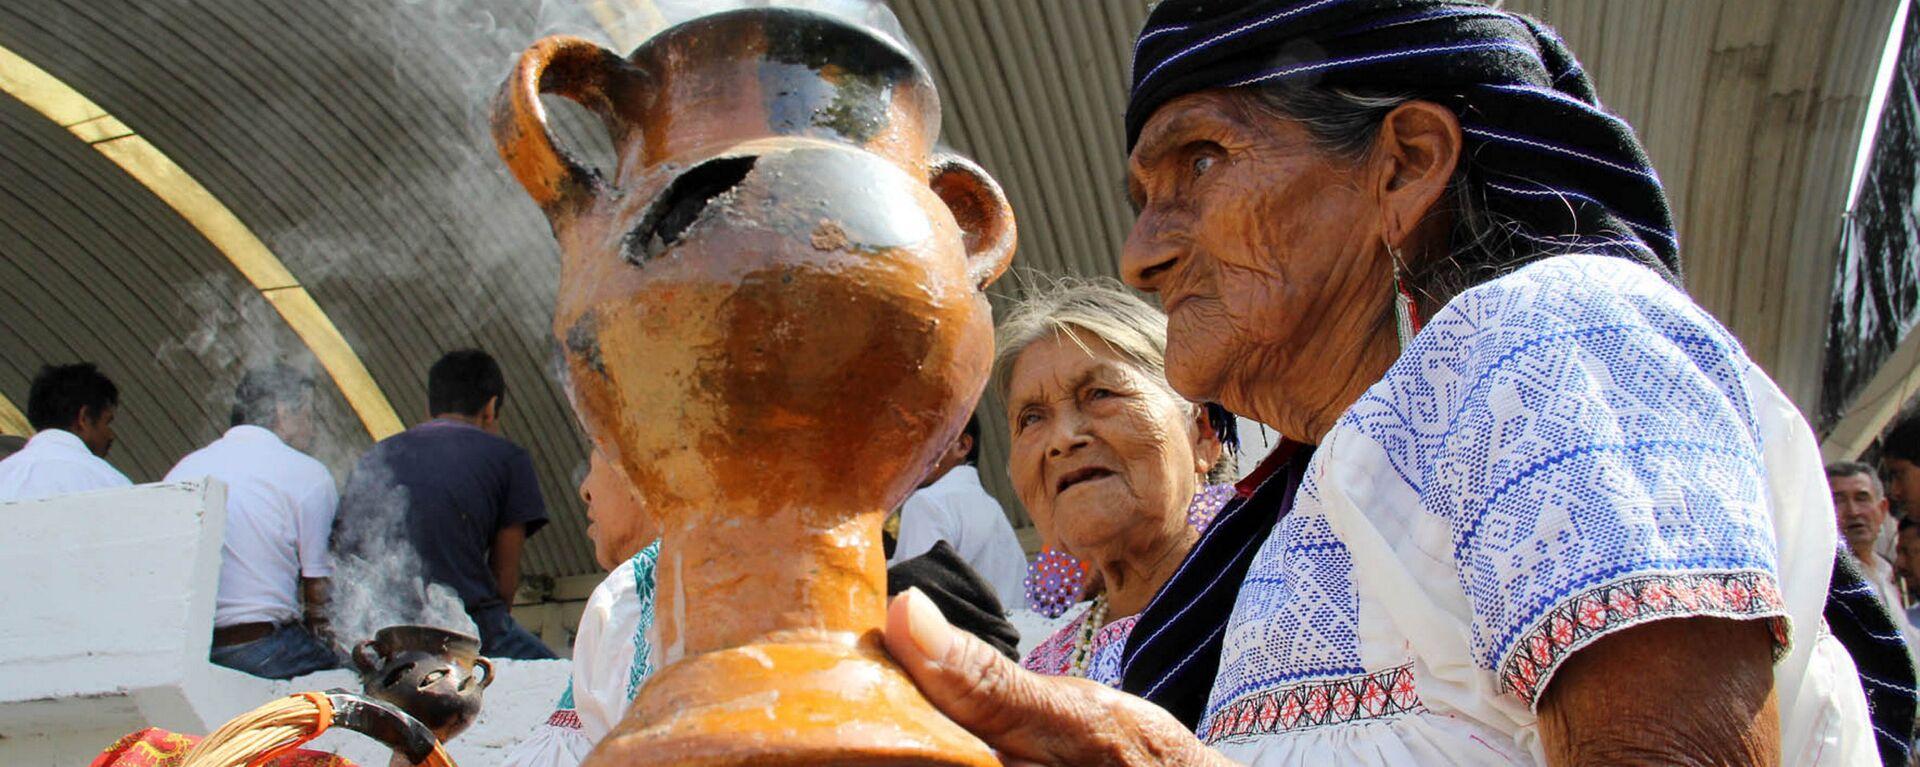 Los representantes de las comunidades indígenas en Ciudad de México (imagen referencial) - Sputnik Mundo, 1920, 12.10.2020